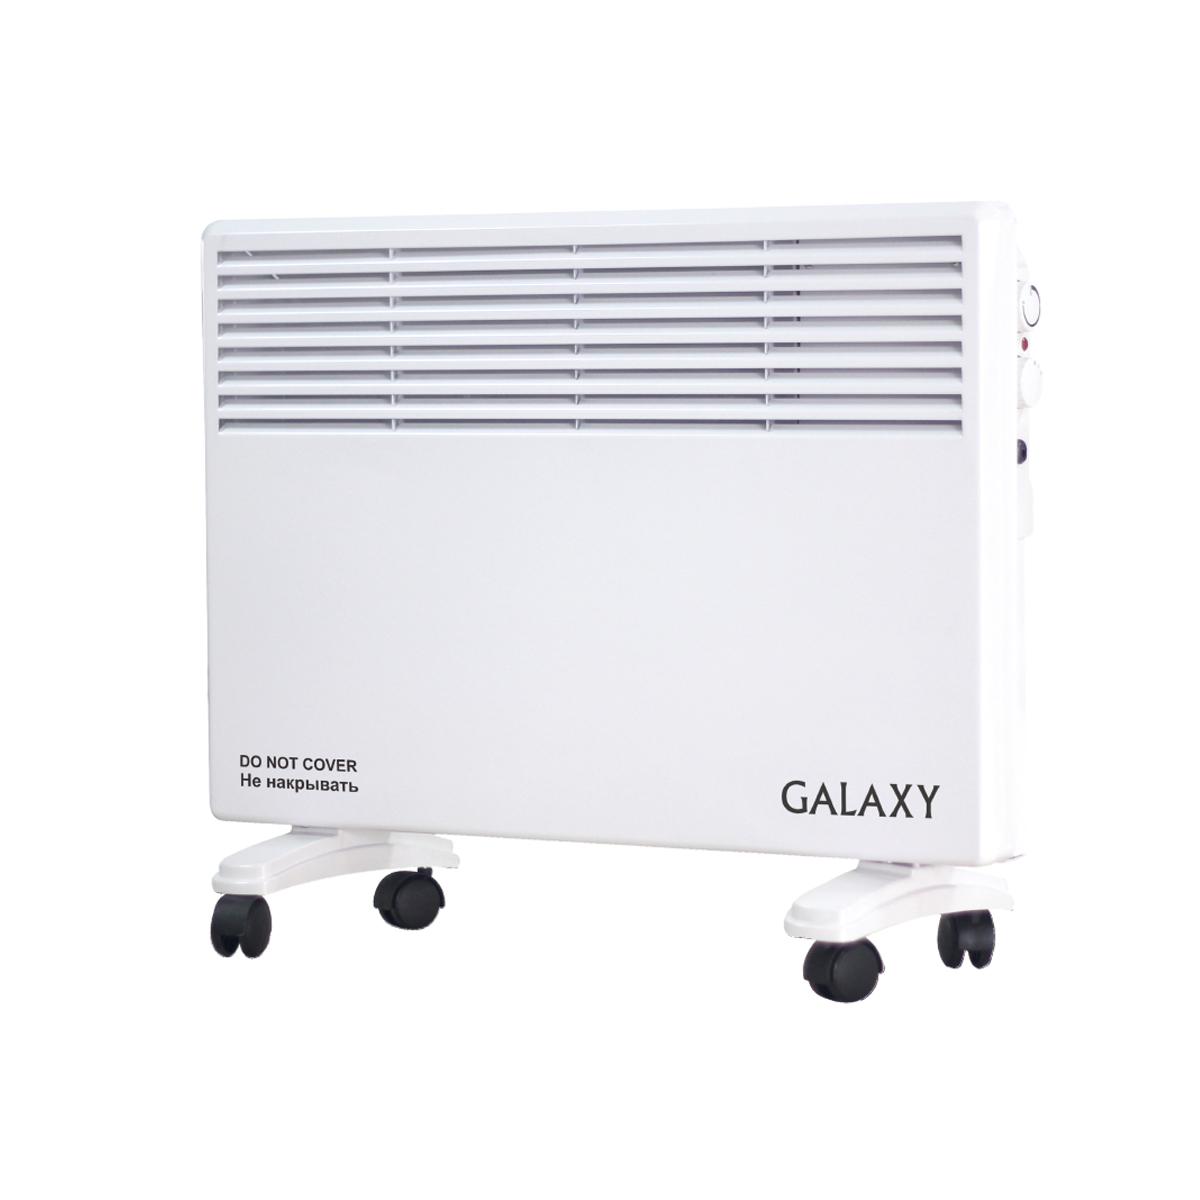 Galaxy GL 8228 обогреватель4630003369932Все большую популярность среди бытовых нагревательных приборов приобретают электрические конвекторы. И не даром - такие приборы обладают целым рядом преимуществ, по сравнению с другими бытовыми аппаратами, что обусловлено принципиальным отличием способа нагрева. В конвекторах нет прямого контакта нагревательного элемента с воздухом (нагревательный элемент изолирован внутри радиатора-теплообменника), холодный воздух естественным путем циркулирует вдоль теплообменника, нагреваясь отдает тепло помещению, после чего начинает новый цикл циркуляции.Экологичность - не происходит сжигание кислорода, не сгорает, всегда присутствующая в помещении пыль, не меняется влажность воздуха в помещении.Безопасность - корпус конвектора никогда не нагревается выше опасной для человека или животного температуры. Кроме того, в продвинутых моделях присутствуют такие дополнительные функции как влагостойкость (можно использовать во влажном помещении, например в ванной, на балконе, в зимнем саду), защита от перегрева, защита от опрокидывания.Минимальная инерционность - скорость нагрева помещения конвектором на порядок выше, чем любого другого нагревательного прибора. Скромный, не отвлекающий на себя дизайн, удобство и легкость установки. В принципе конвектор можно закрепить на любом месте на стене помещения, даже так, чтоб его не было видно, и он с успехом будет выполнять возложенные на него функции. Некоторые производители комплектуют свои приборы как комплектом для настенного крепления, так и колесиками, оставляя конечному пользователю право выбора места и способа установки.